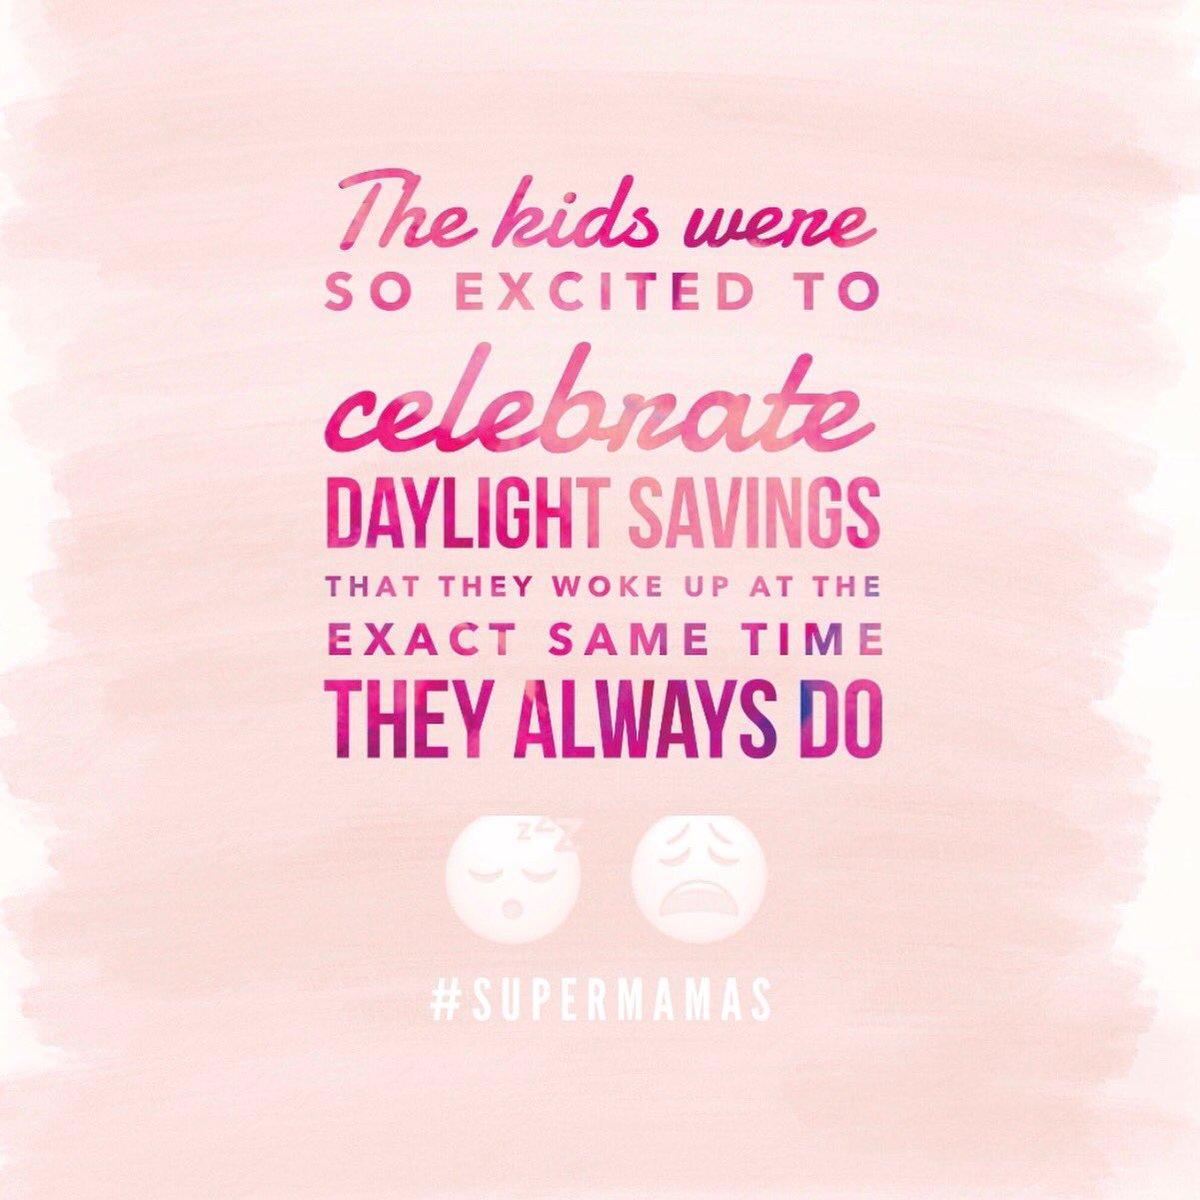 What extra hour ?! 🤷🏽♀️😫 #supermamas #DaylightSavings #SuperMamasPodcast #momlife